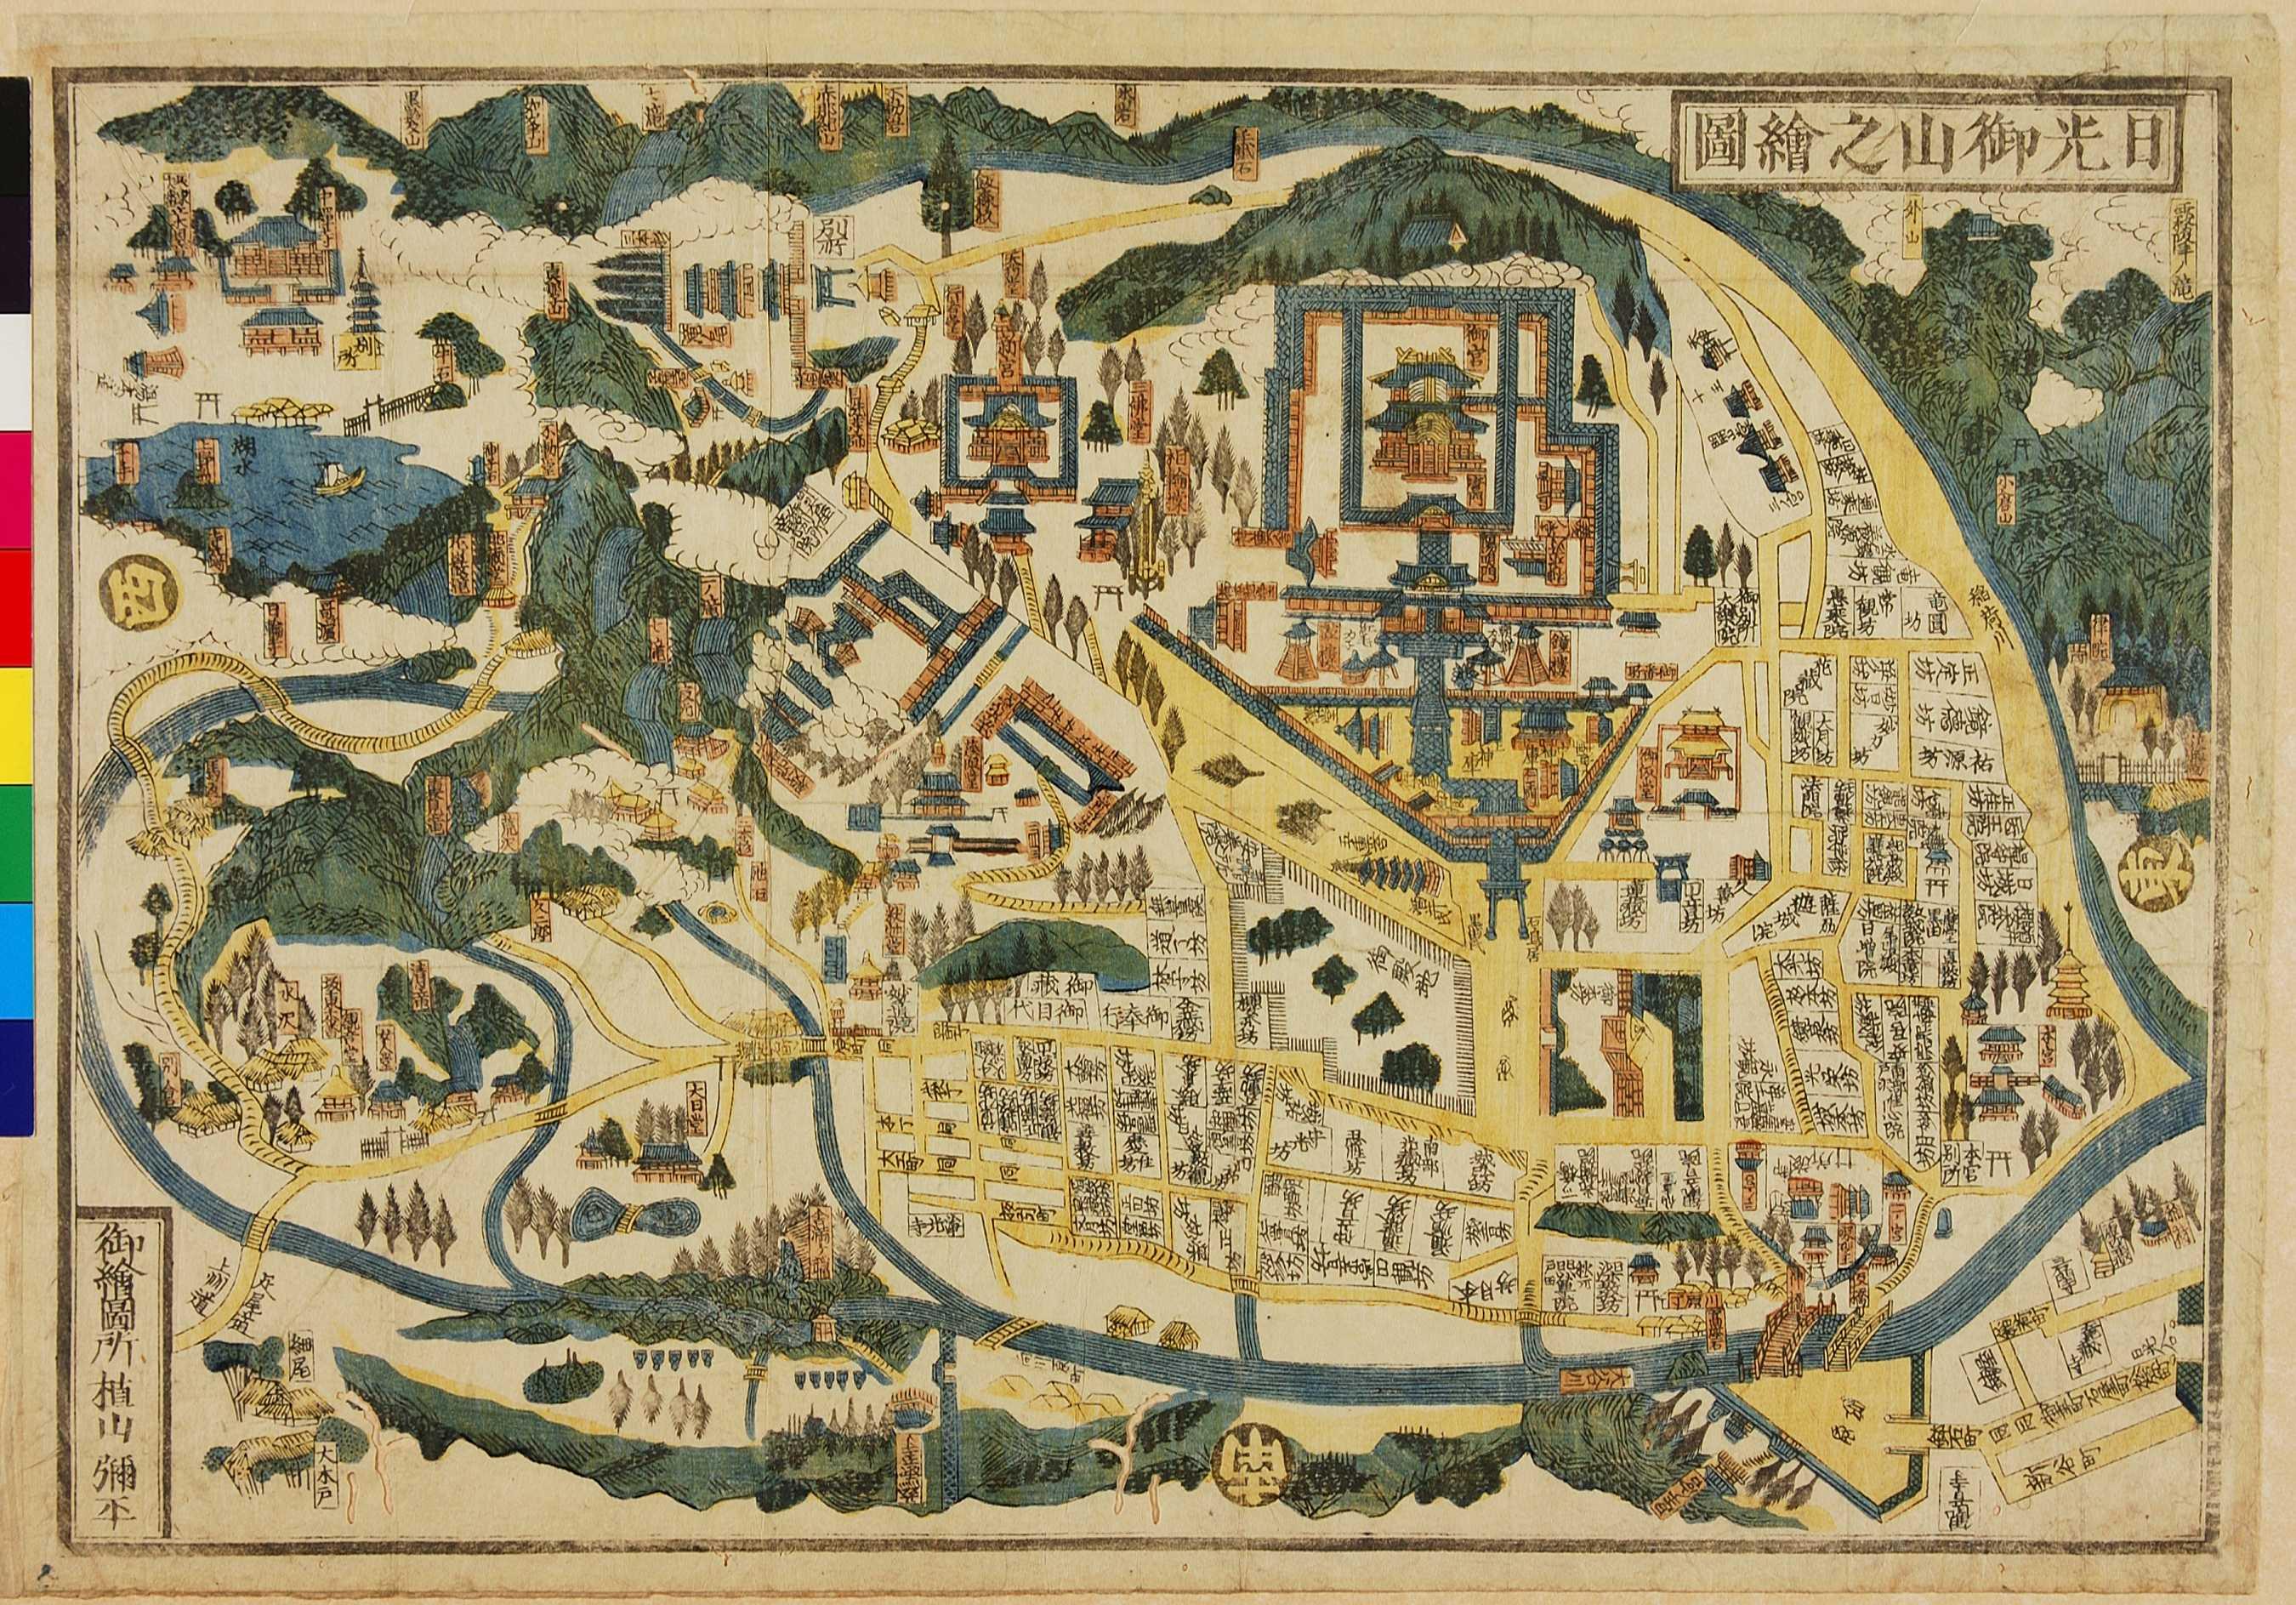 04.05 日光御山之絵図 (Illustrated Map of Nikko)